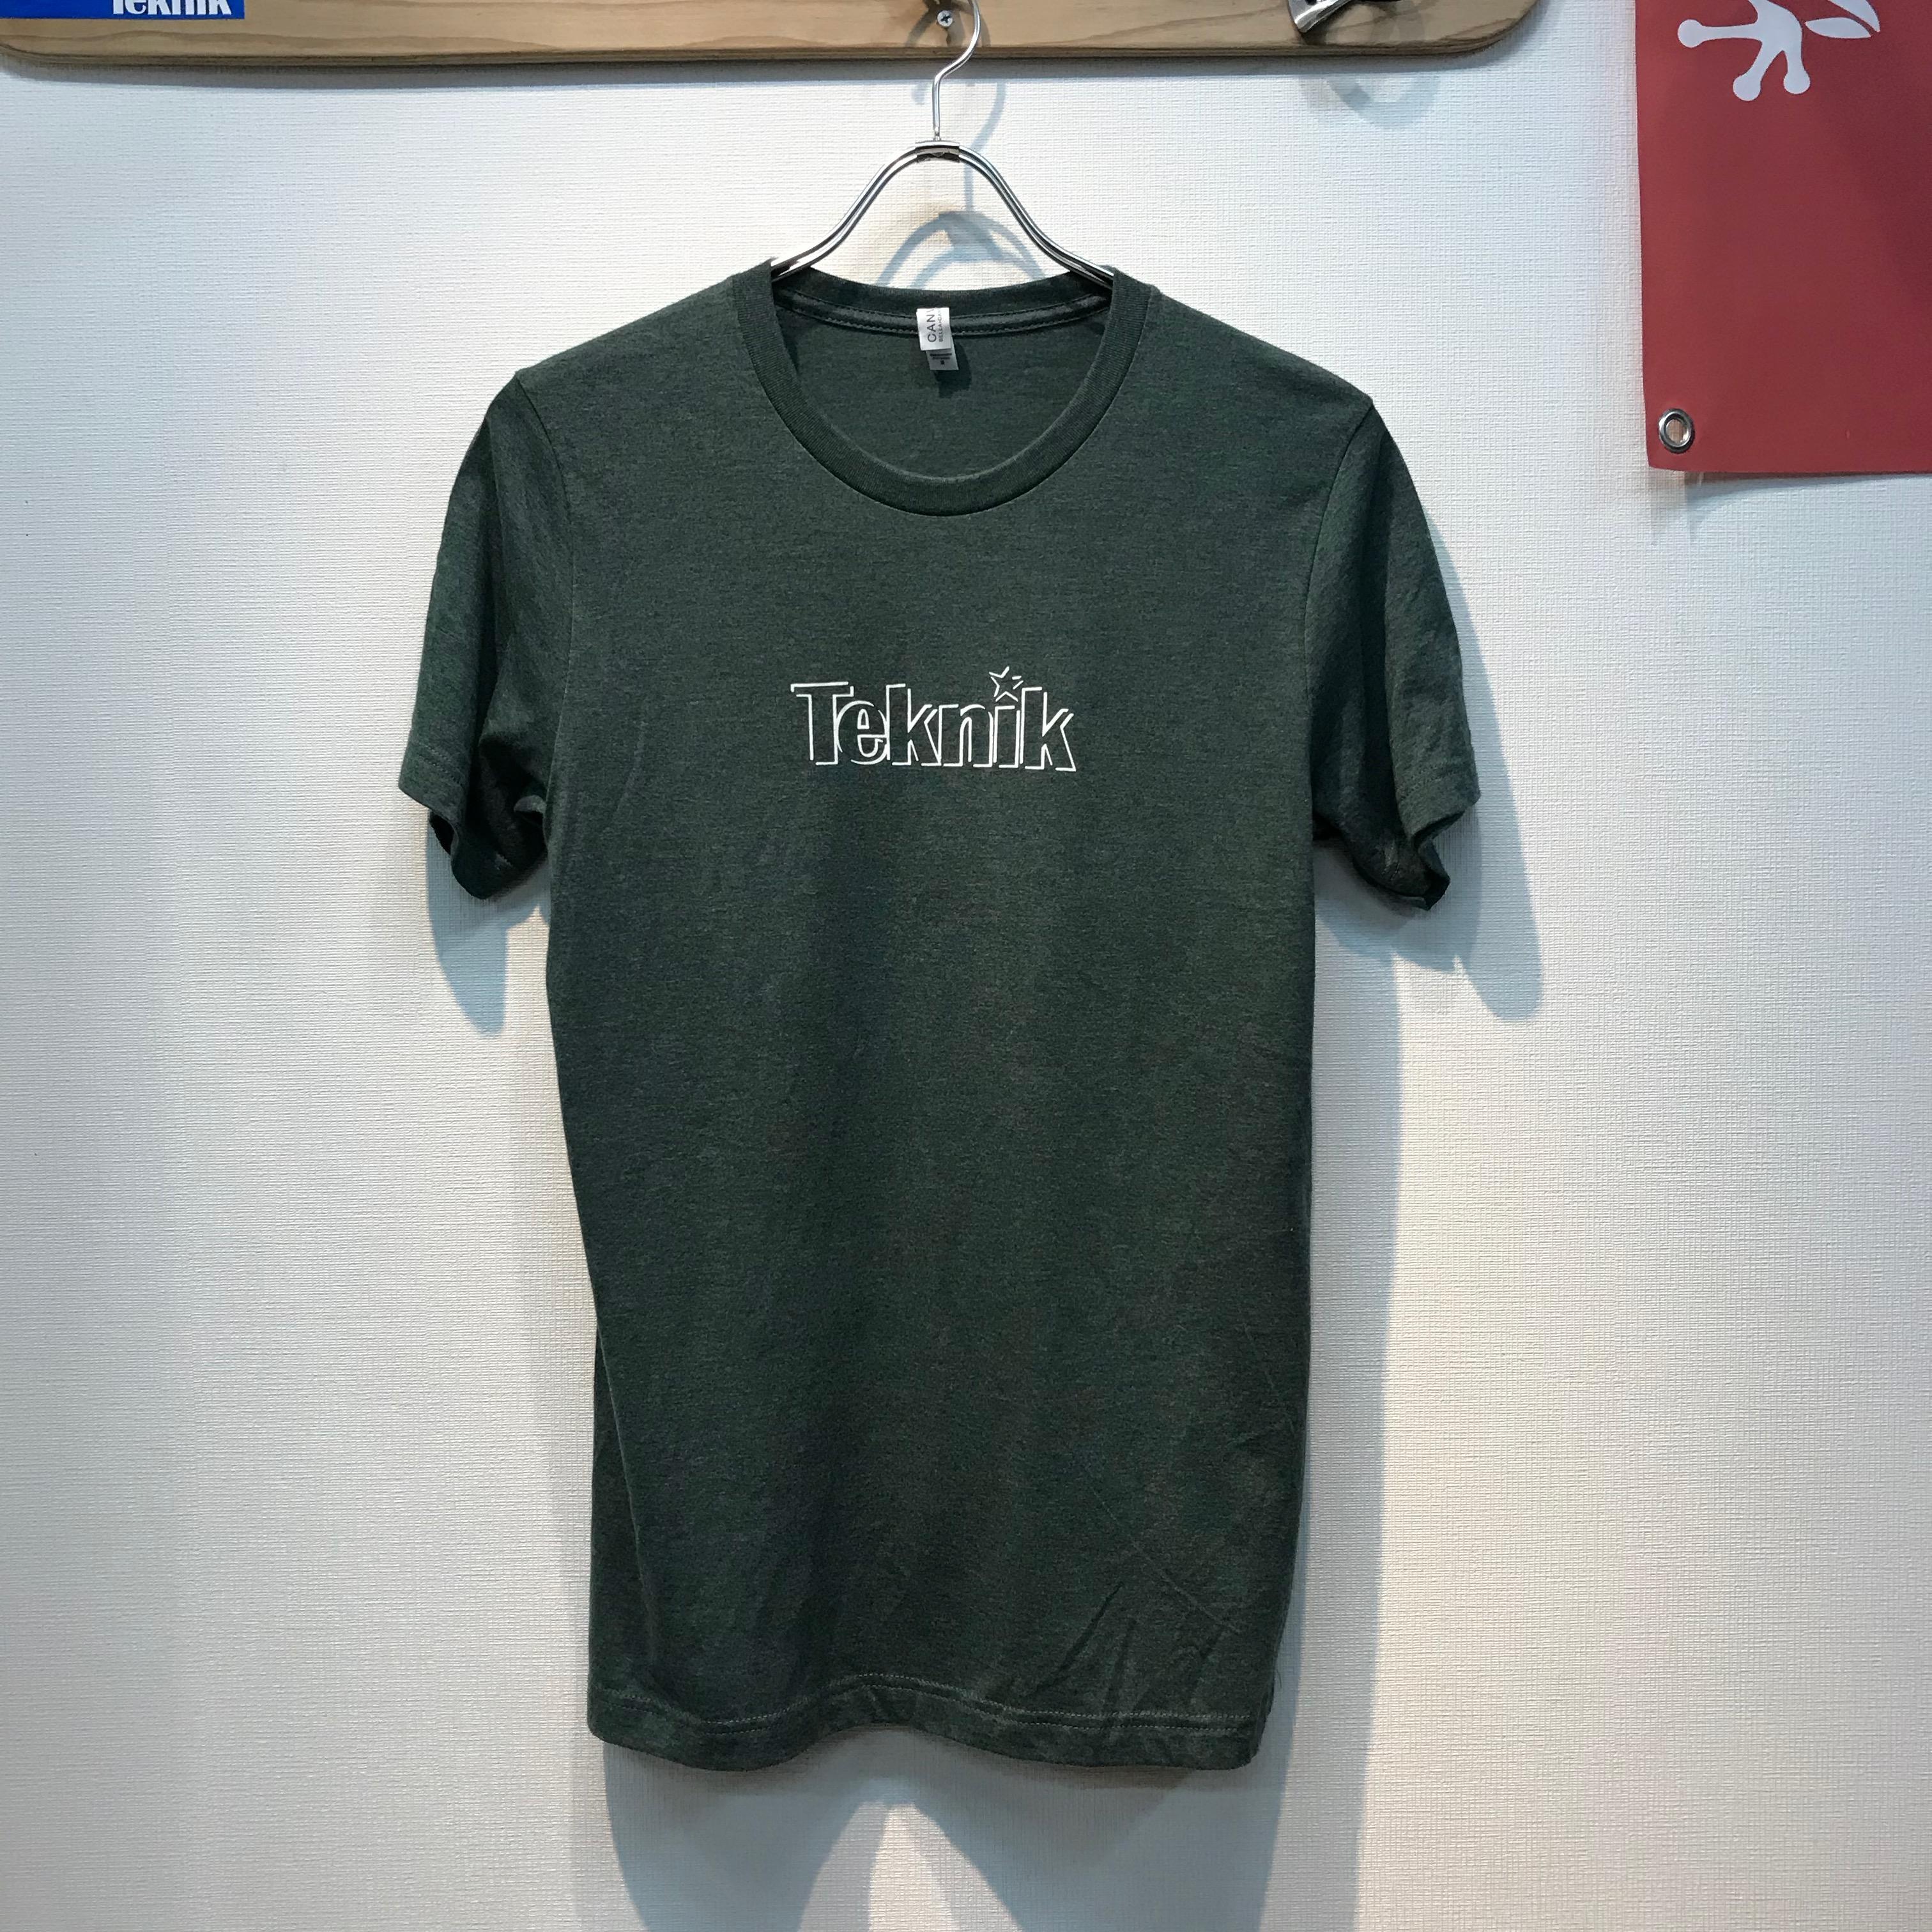 TEKNIK LOGO Tシャツ フォレストヘザー画像